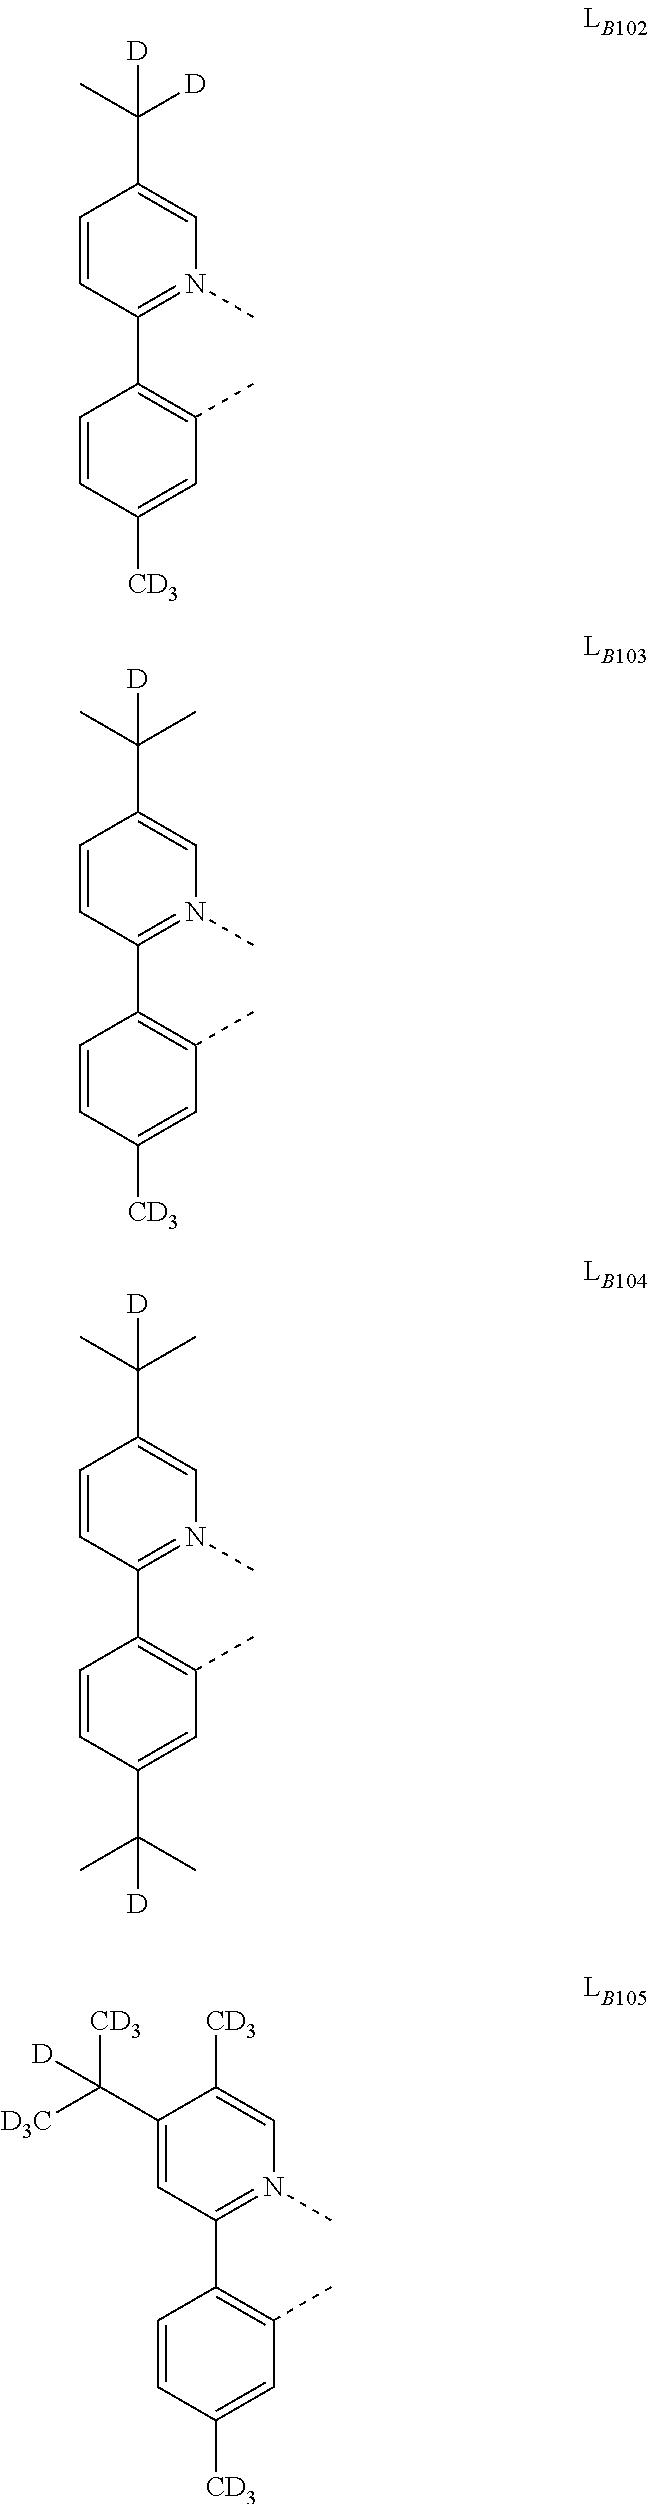 Figure US20180130962A1-20180510-C00279